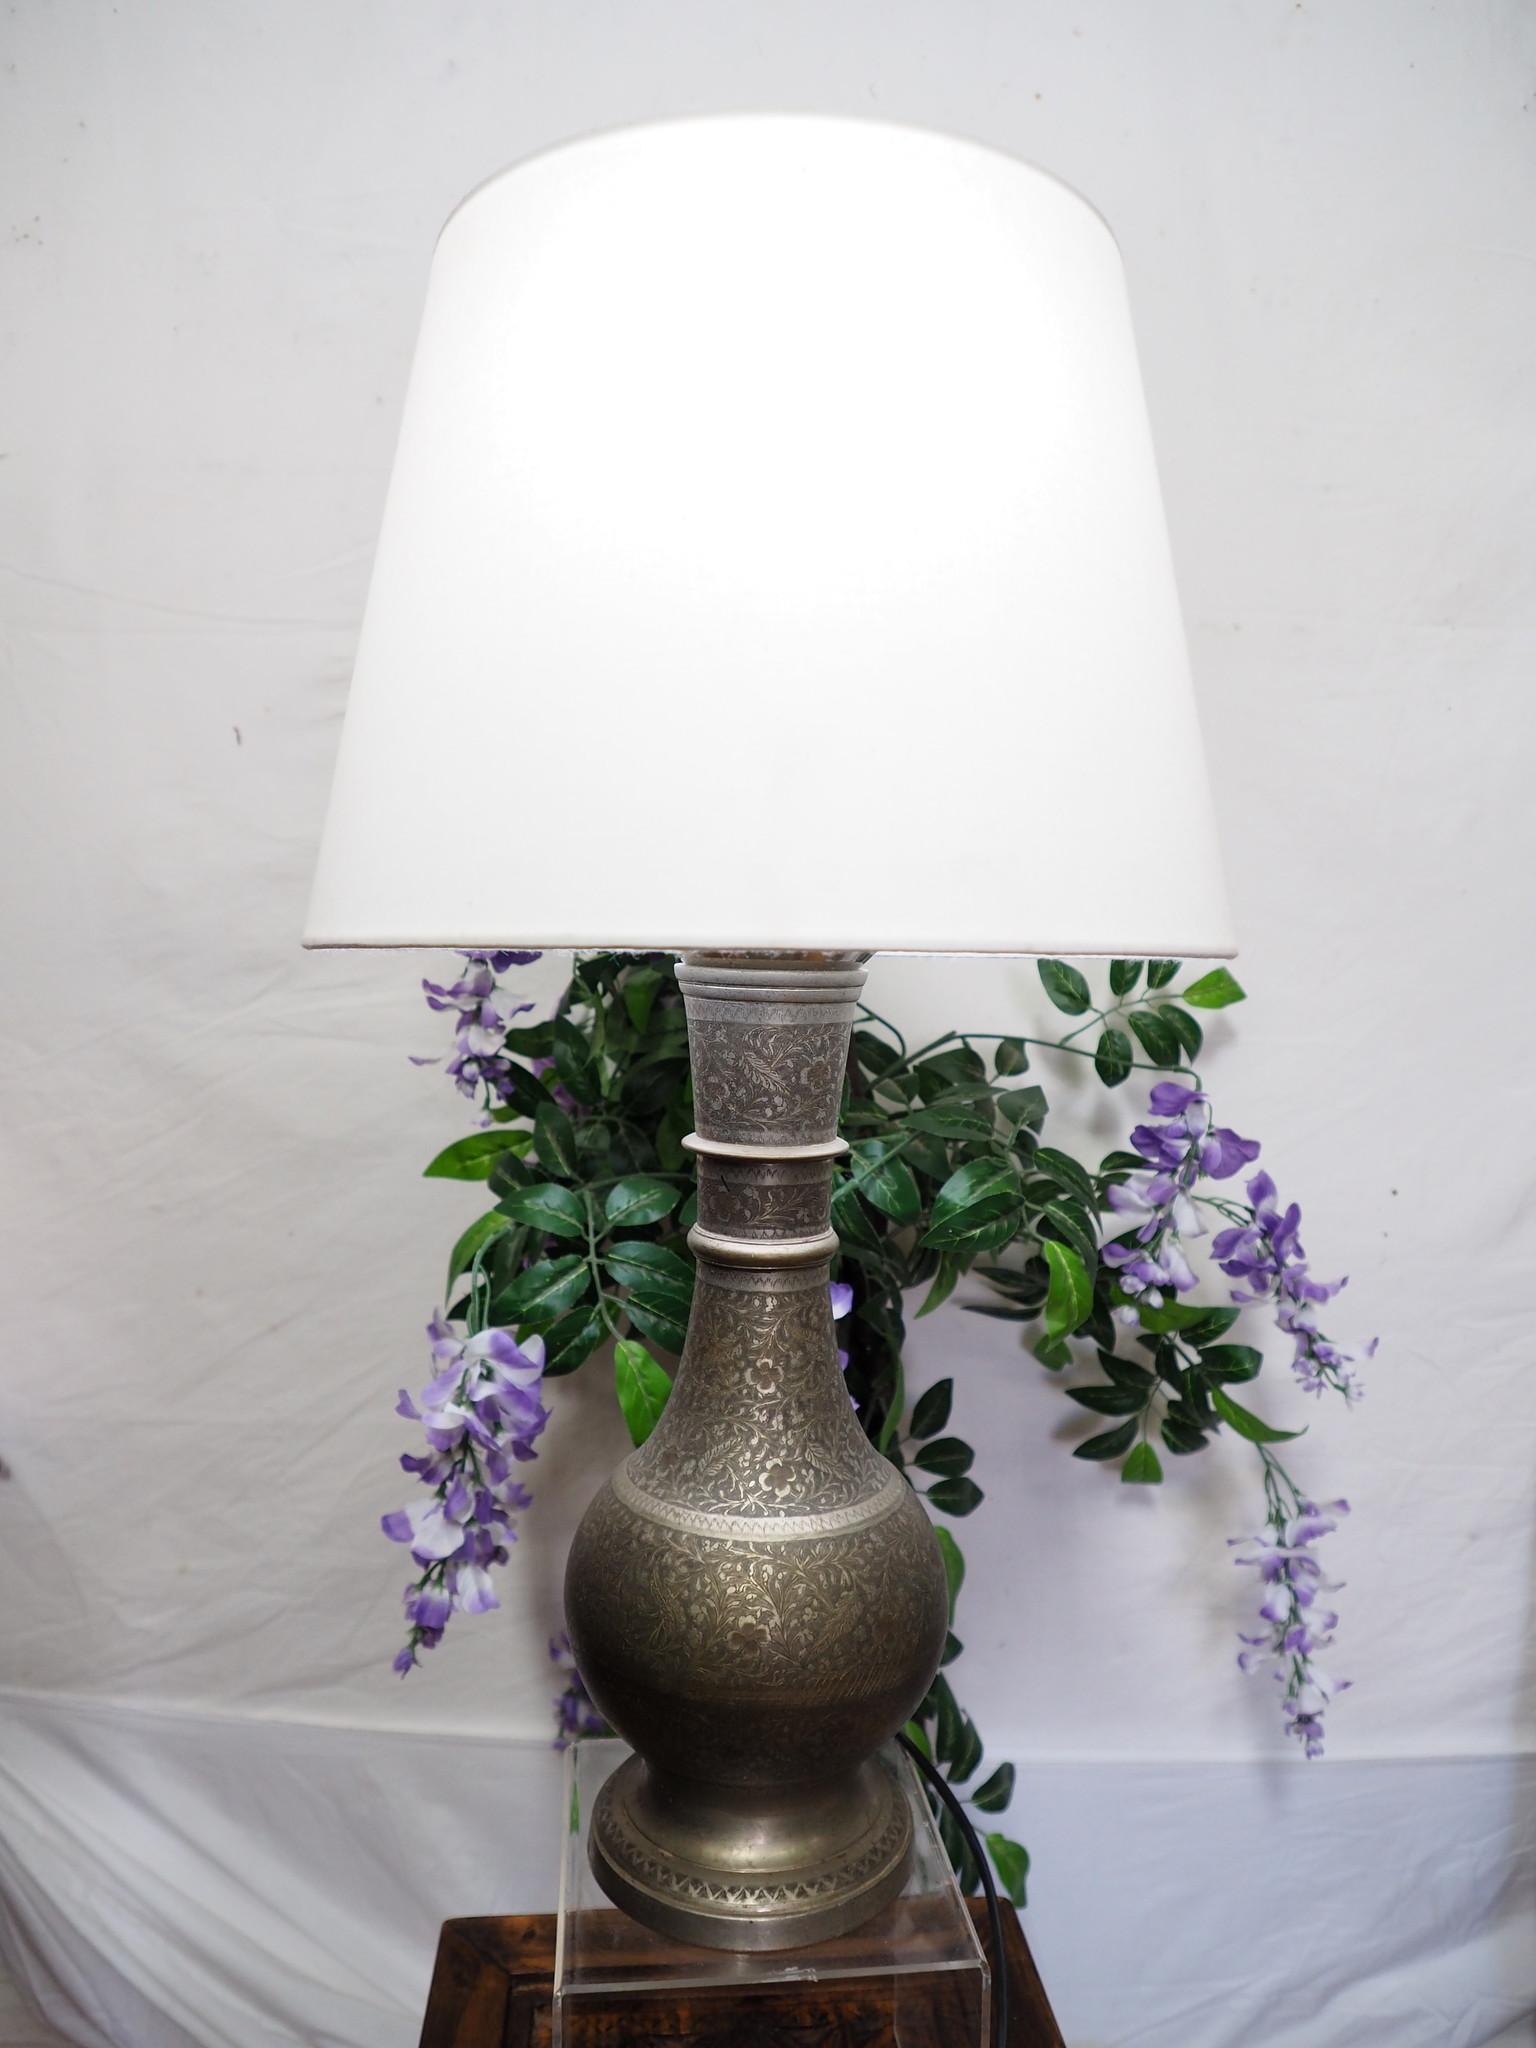 antik ungewöhnlich islamische handgraviert massiv messing Vase als Tischlampe aus Afghanistan ( ohne lampenschirm und Deko artikel Nr:7